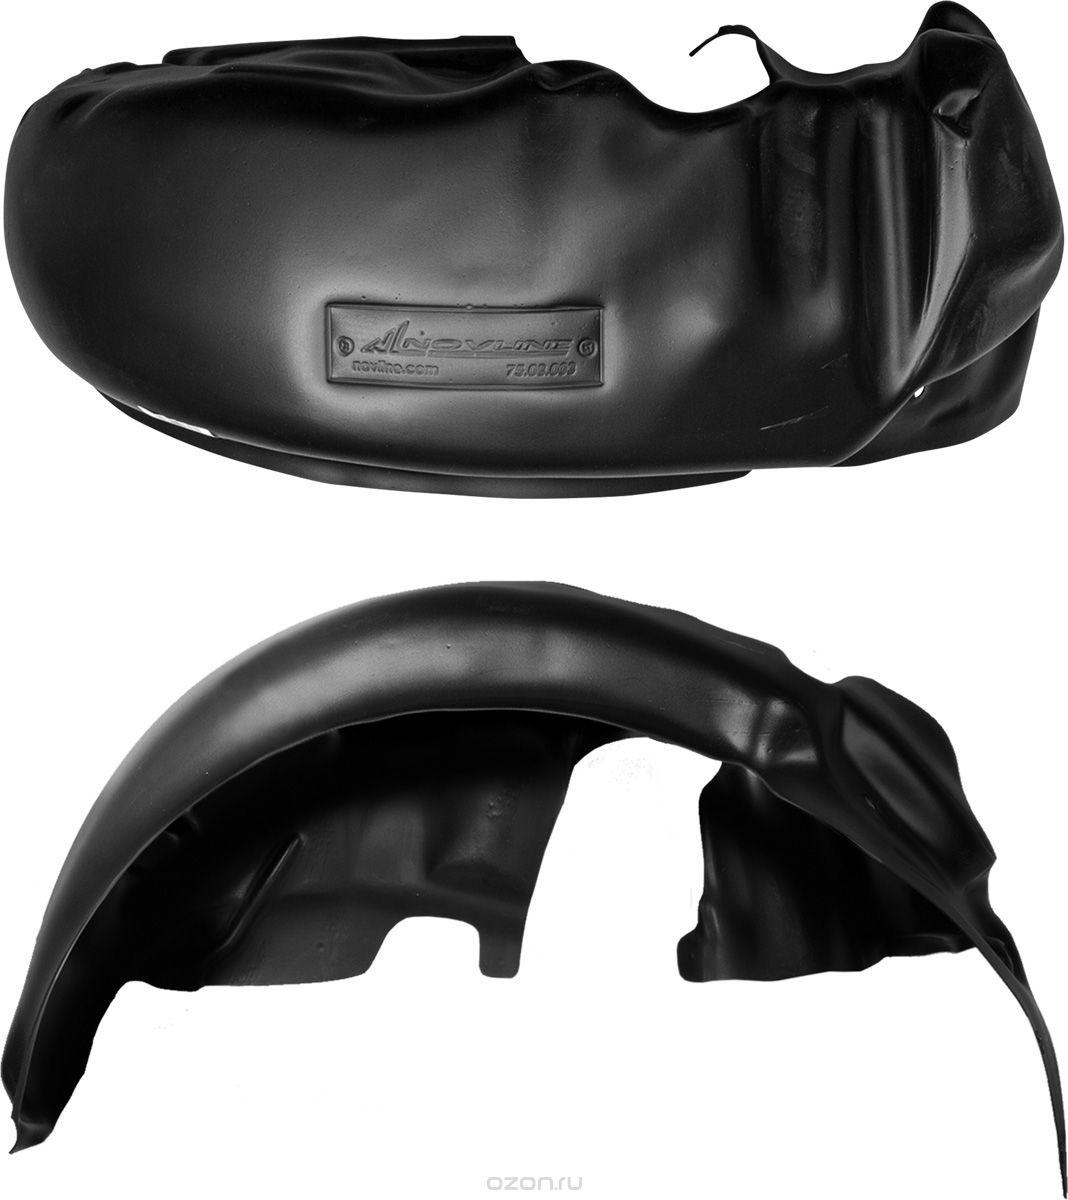 Подкрылок Novline-Autofamily, для CITROEN Jumper 08/2014->, без расширителей арок, передний правыйNLL.10.20.002Идеальная защита колесной ниши. Локеры разработаны с применением цифровых технологий, гарантируют максимальную повторяемость поверхности арки. Изделия устанавливаются без нарушения лакокрасочного покрытия автомобиля, каждый подкрылок комплектуется крепежом. Уважаемые клиенты, обращаем ваше внимание, что фотографии на подкрылки универсальные и не отражают реальную форму изделия. При этом само изделие идет точно под размер указанного автомобиля.